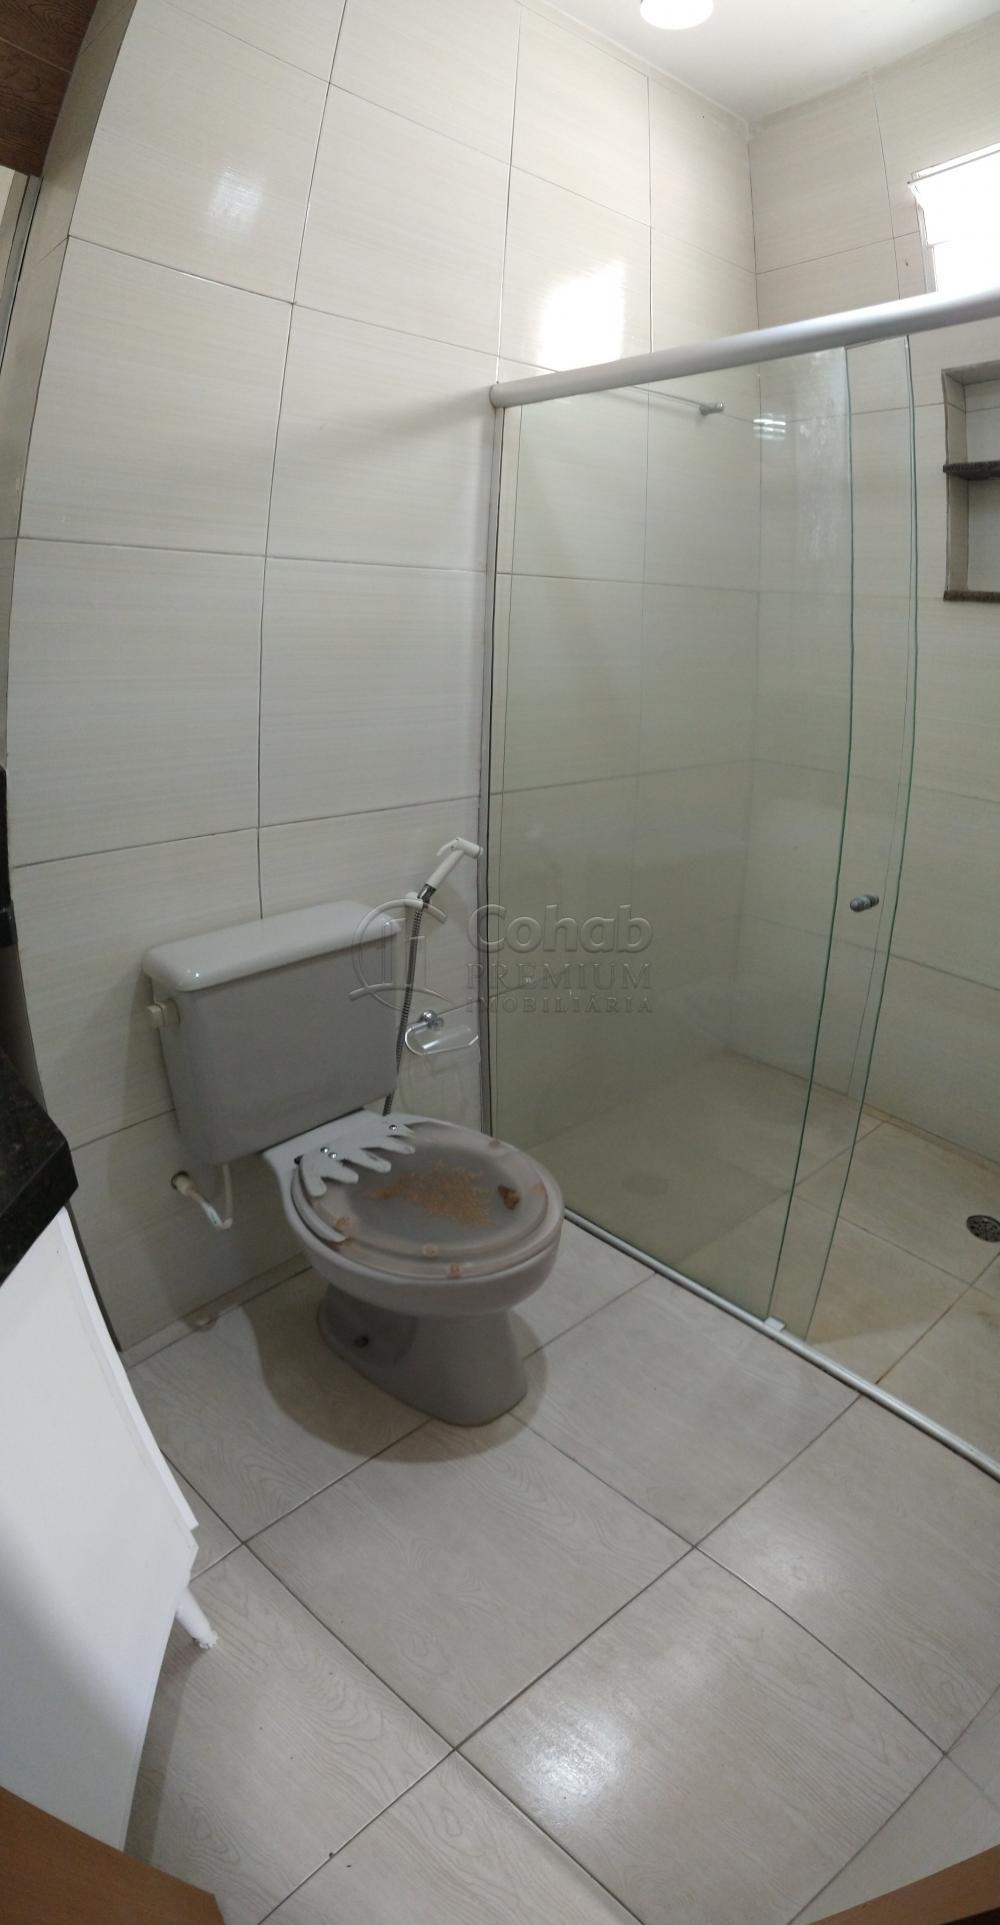 Alugar Casa / Padrão em Aracaju apenas R$ 2.600,00 - Foto 15